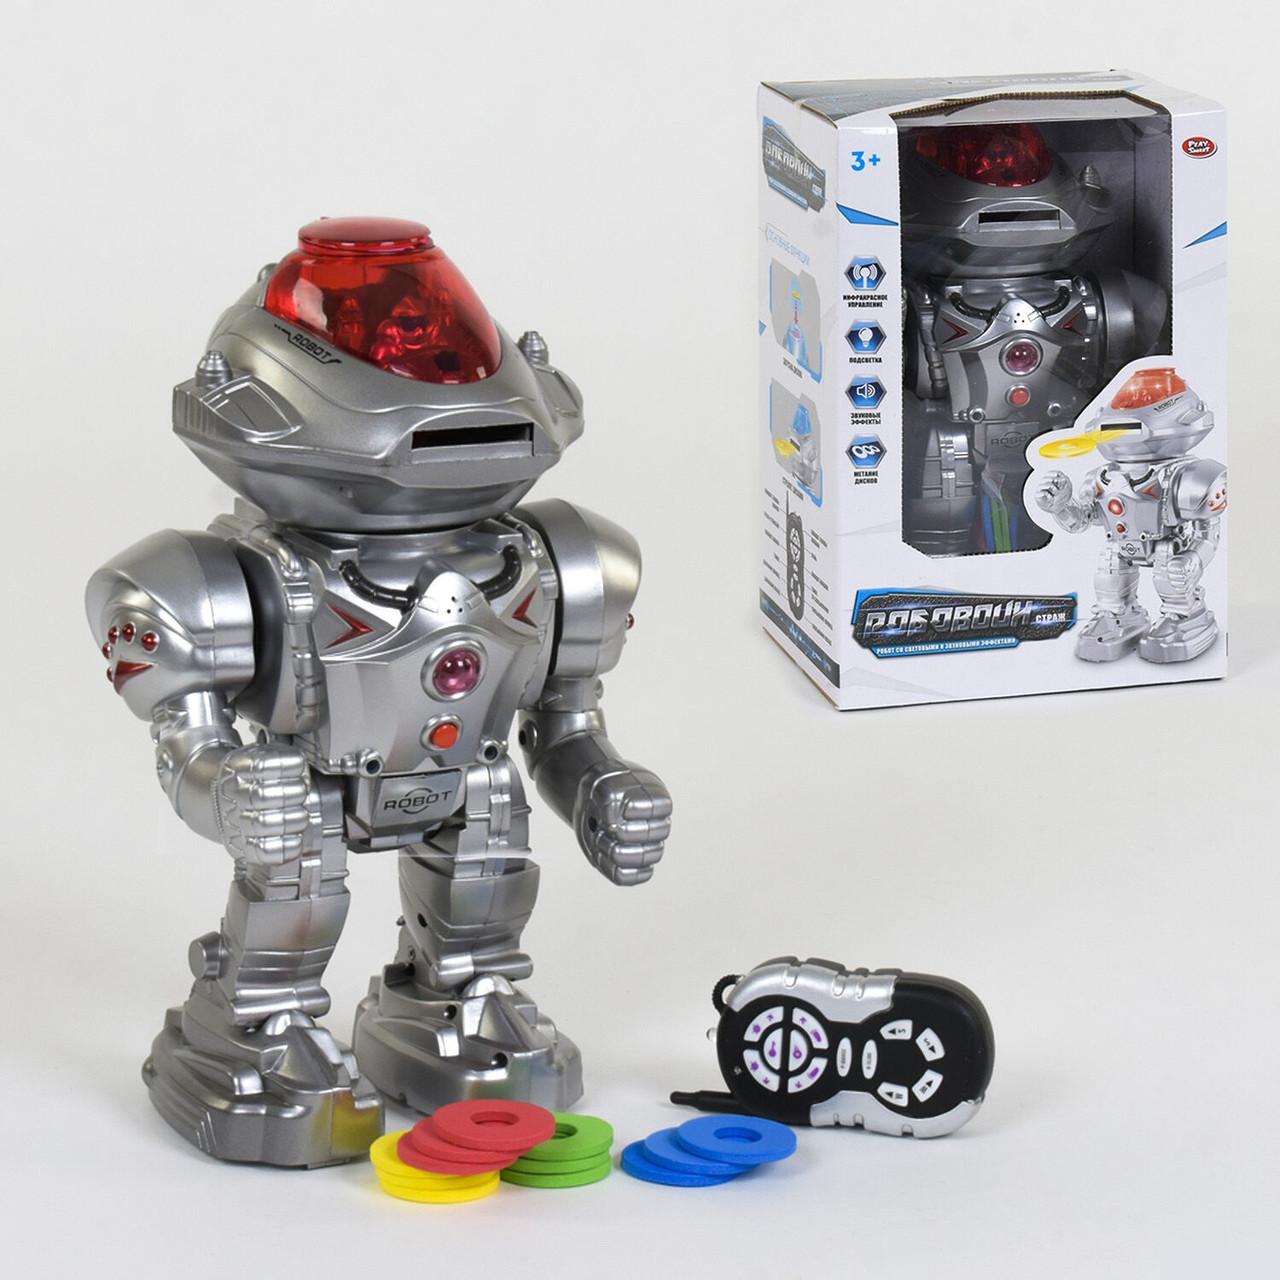 Робот на радиоуправлении 9896 Play Smart, стреляет, ходит, танцует, подсветка